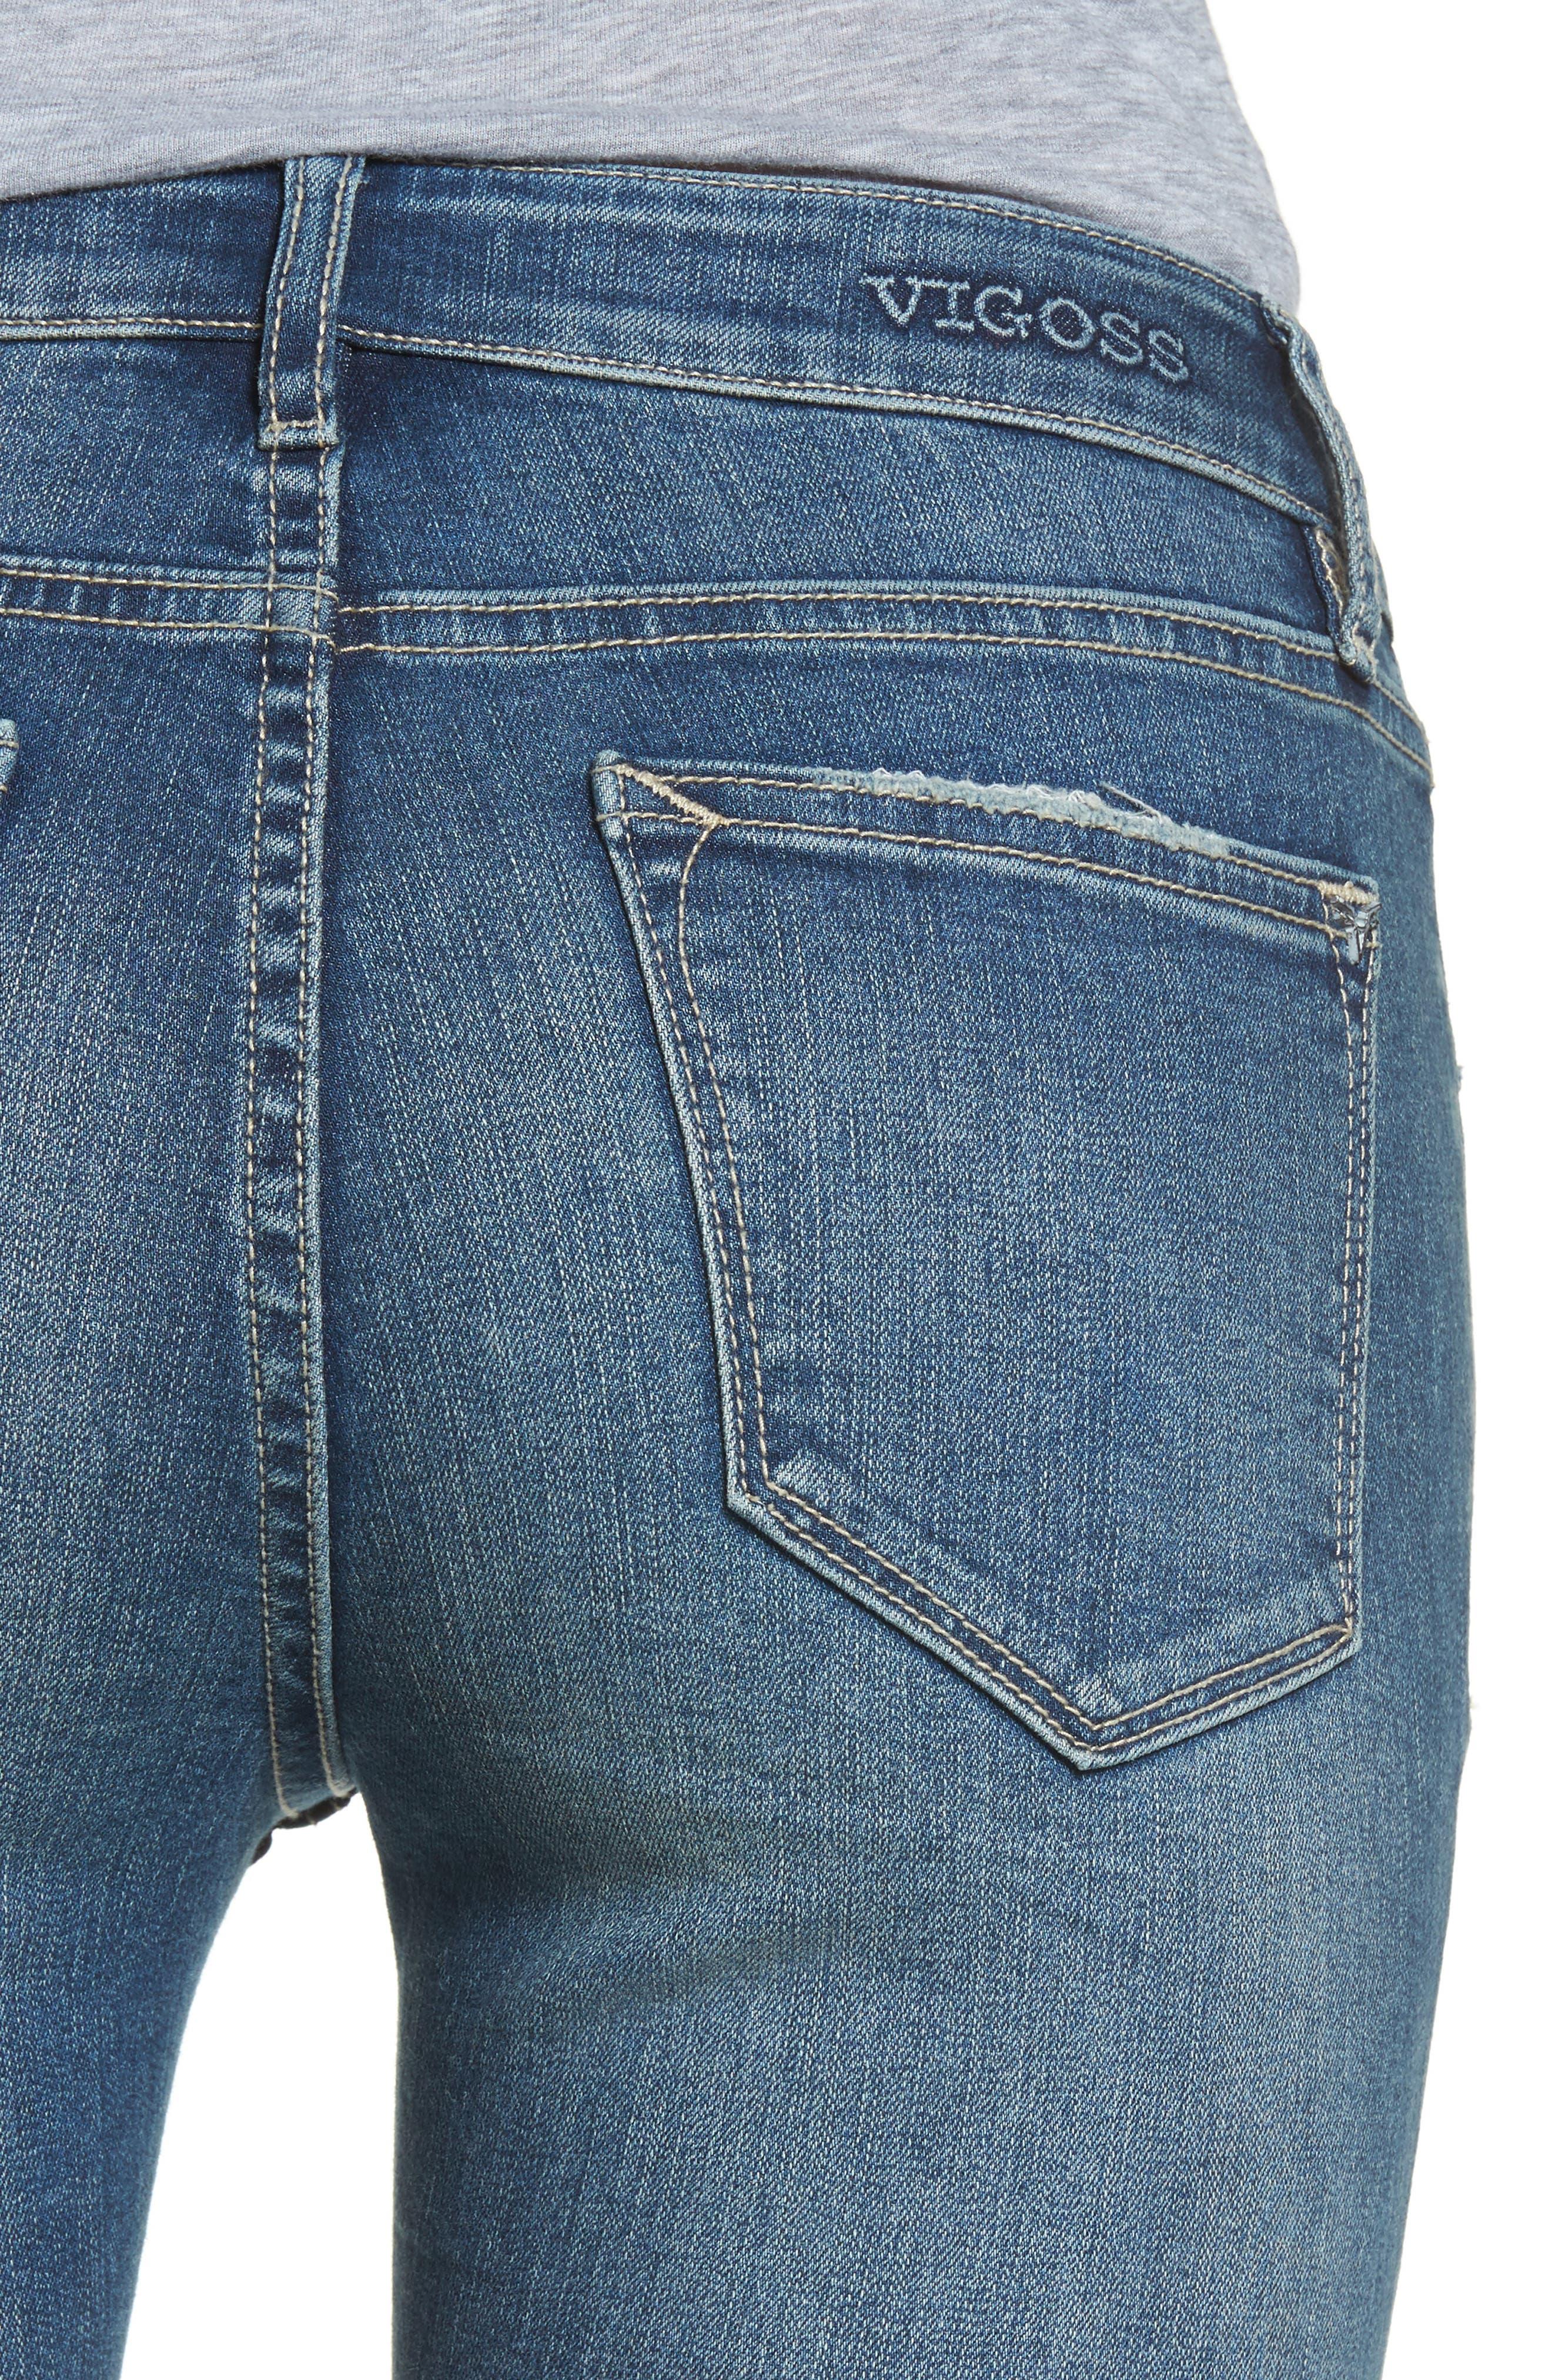 VIGOSS,                             Jagger Release Hem Skinny Jeans,                             Alternate thumbnail 4, color,                             426